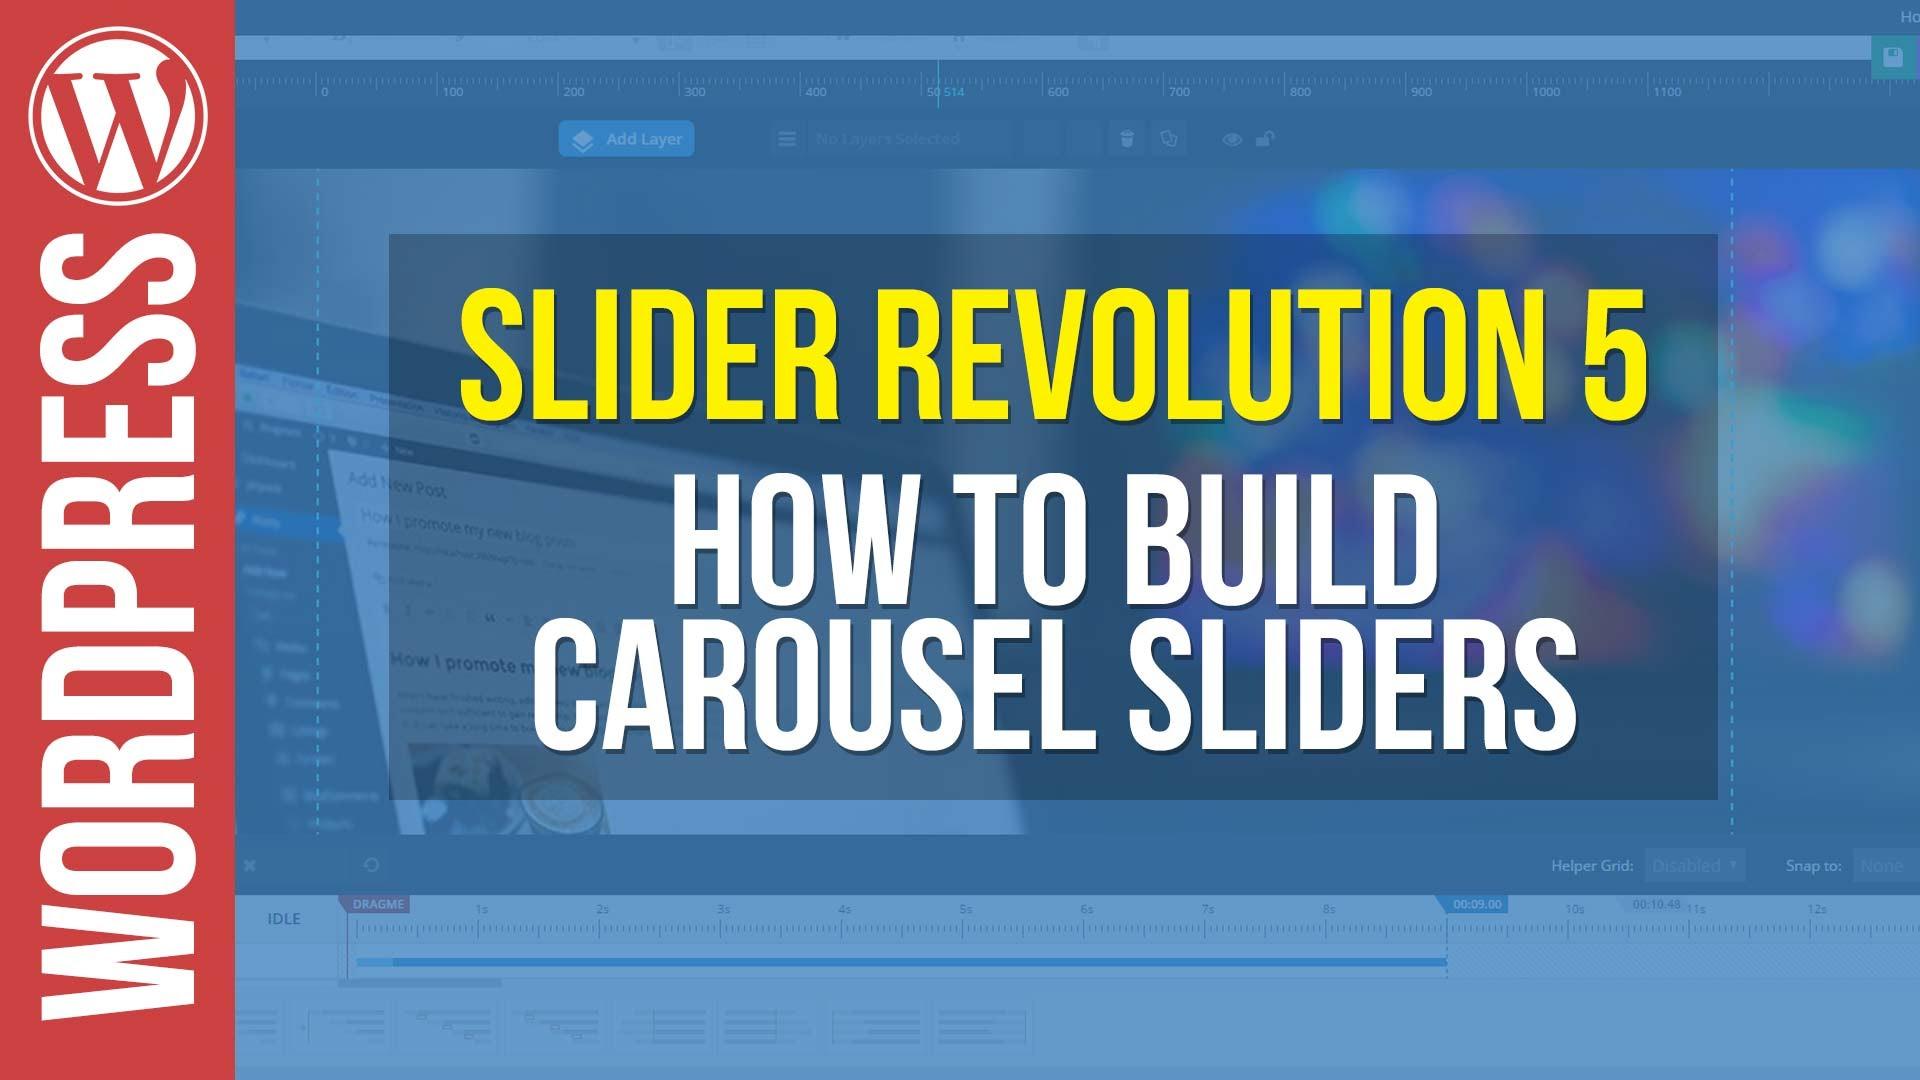 Slider Revolution 5 for WordPress – Carousel Slider Tutorial